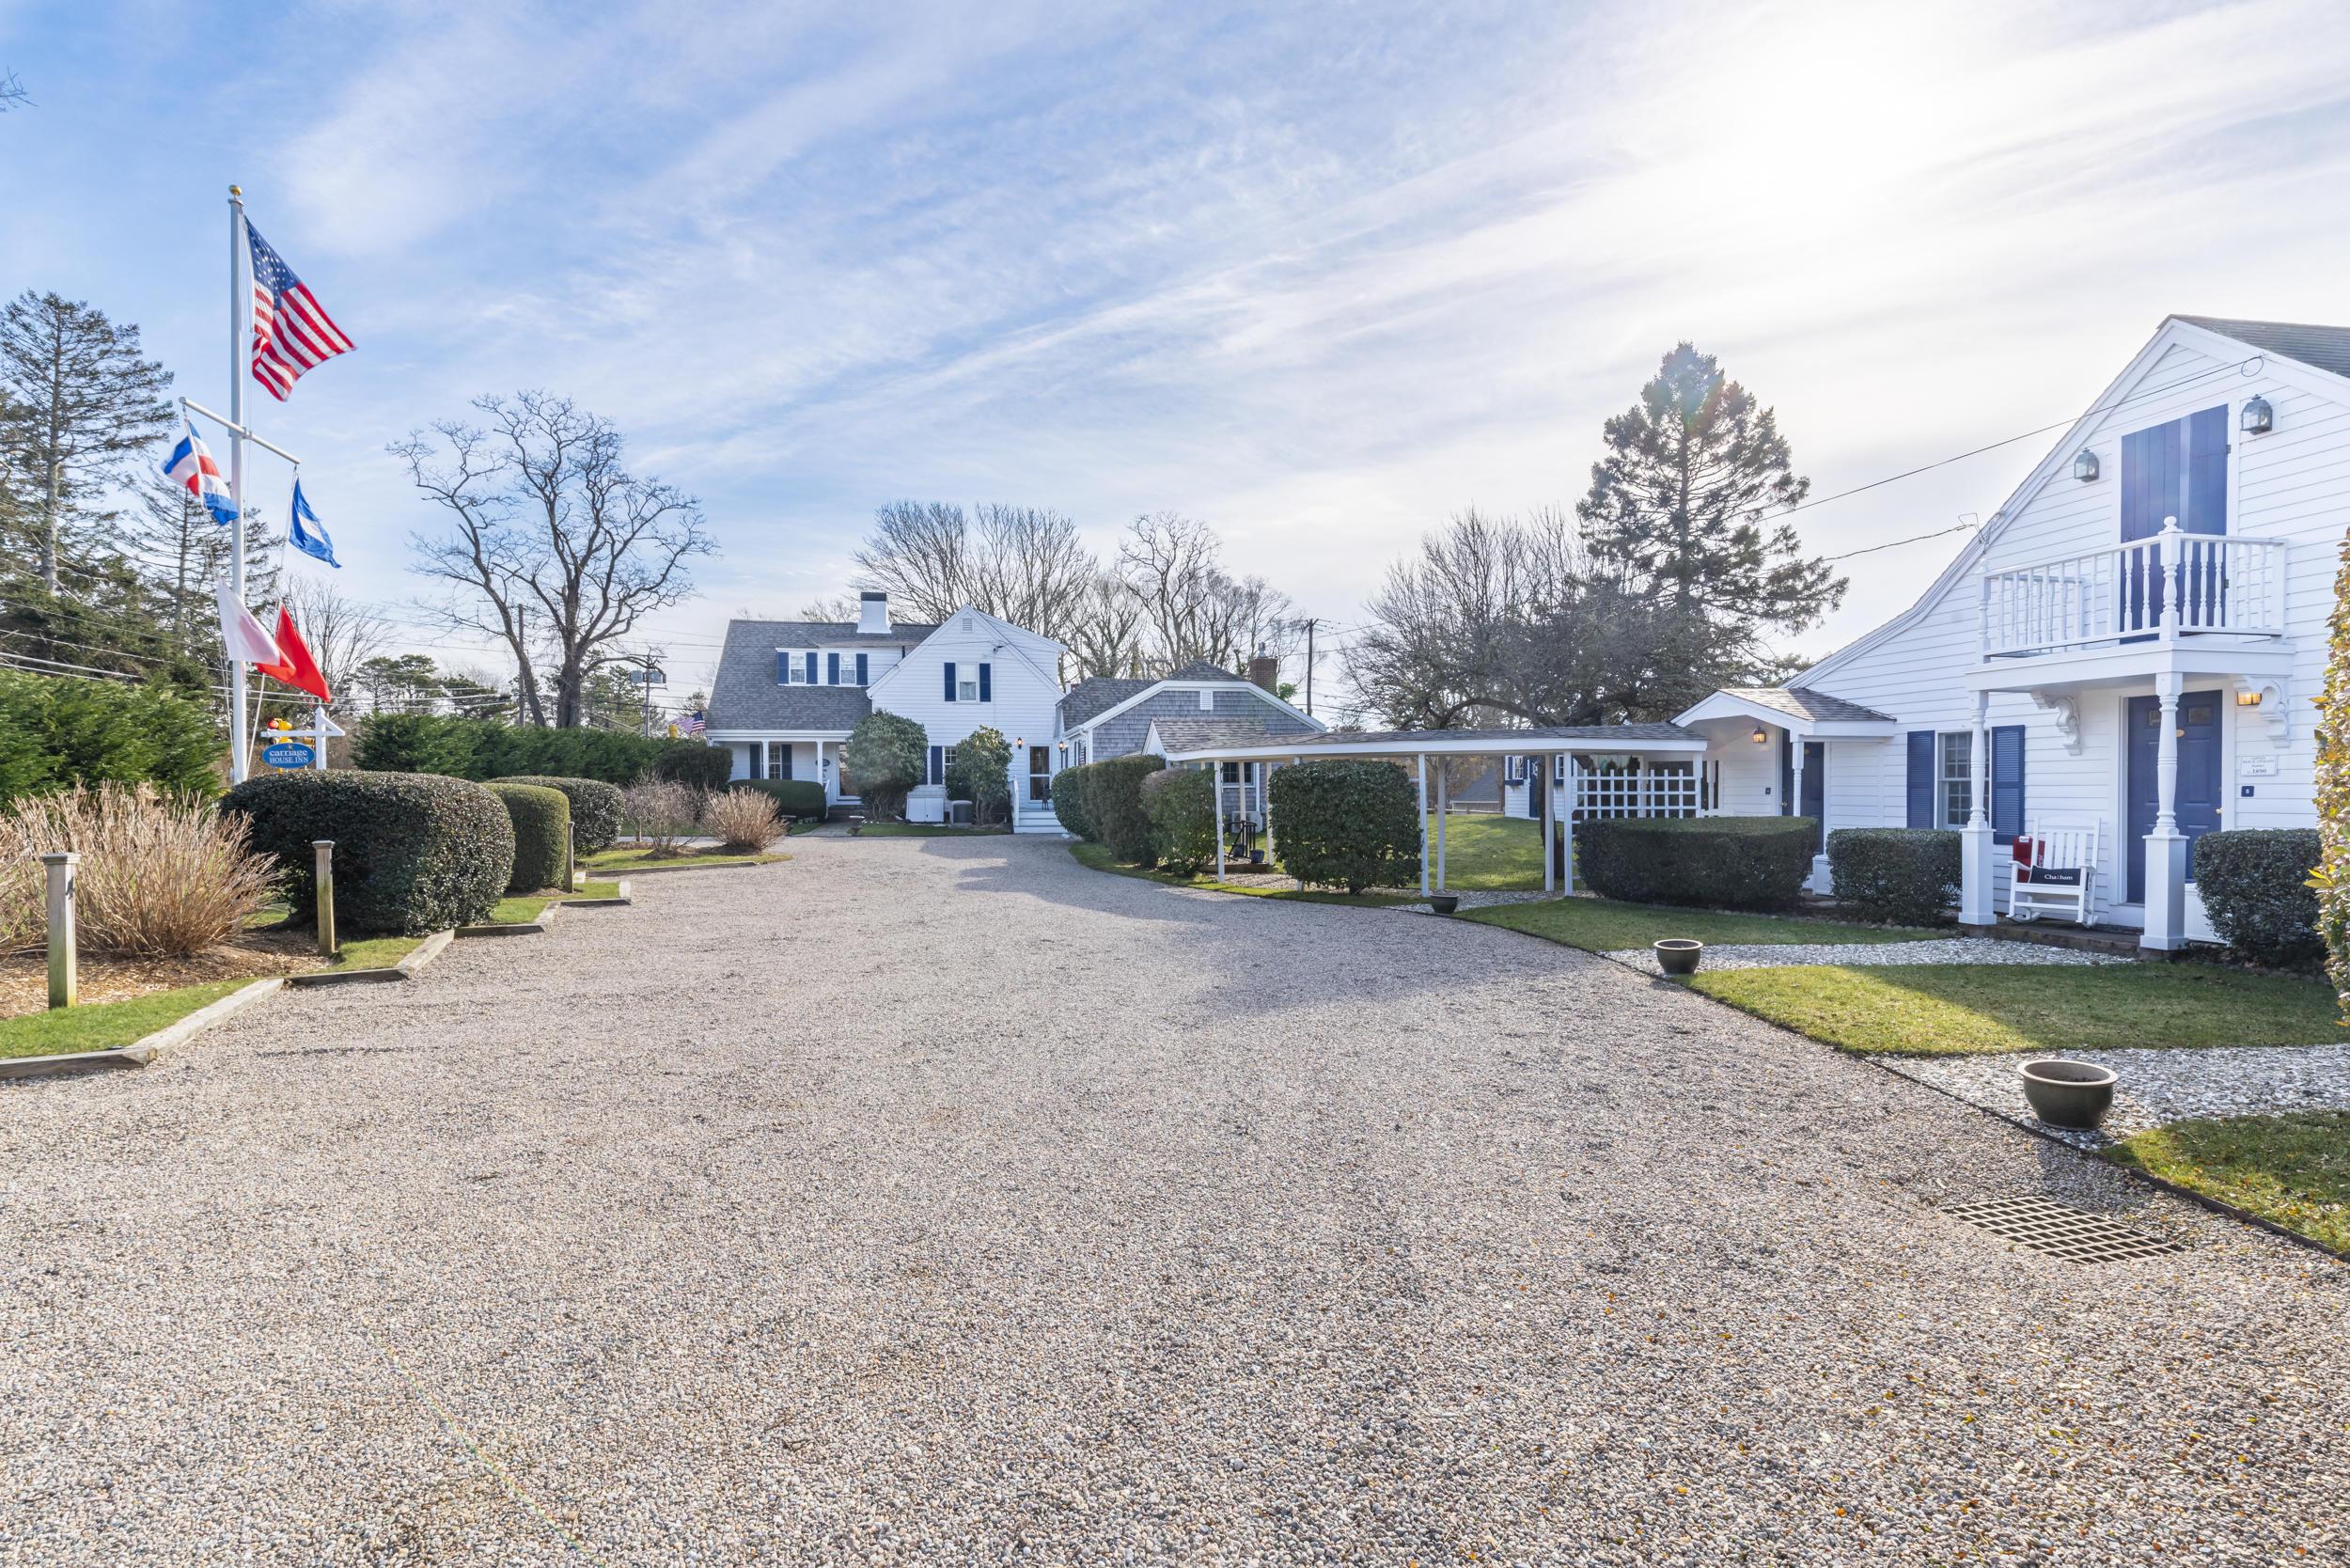 407 Old Harbor Road, Chatham, MA  02633 - slide 3